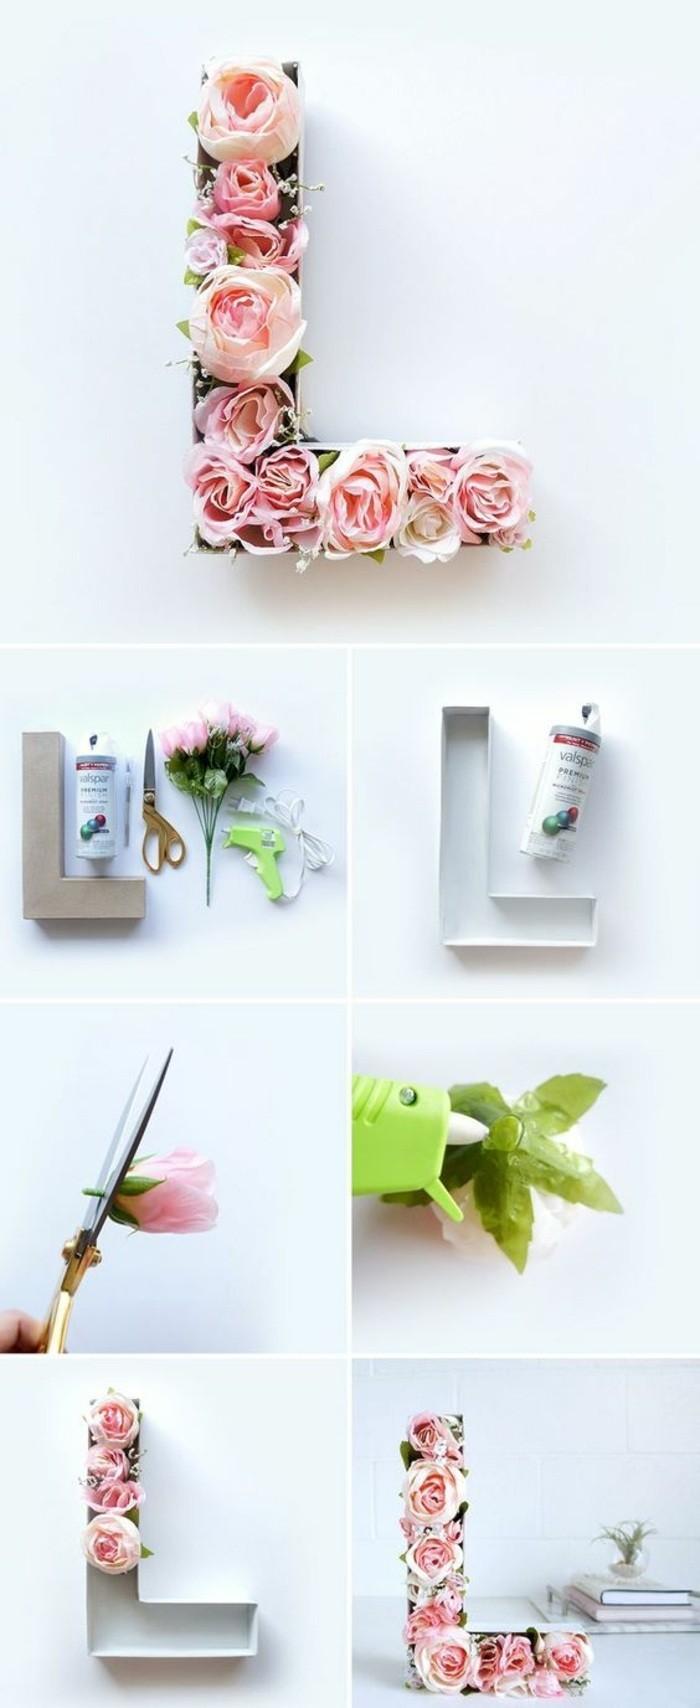 wanddeko-selber-machen-fruhlingsdeko-basteln-buchstabe-mit-rosen-dekorieren